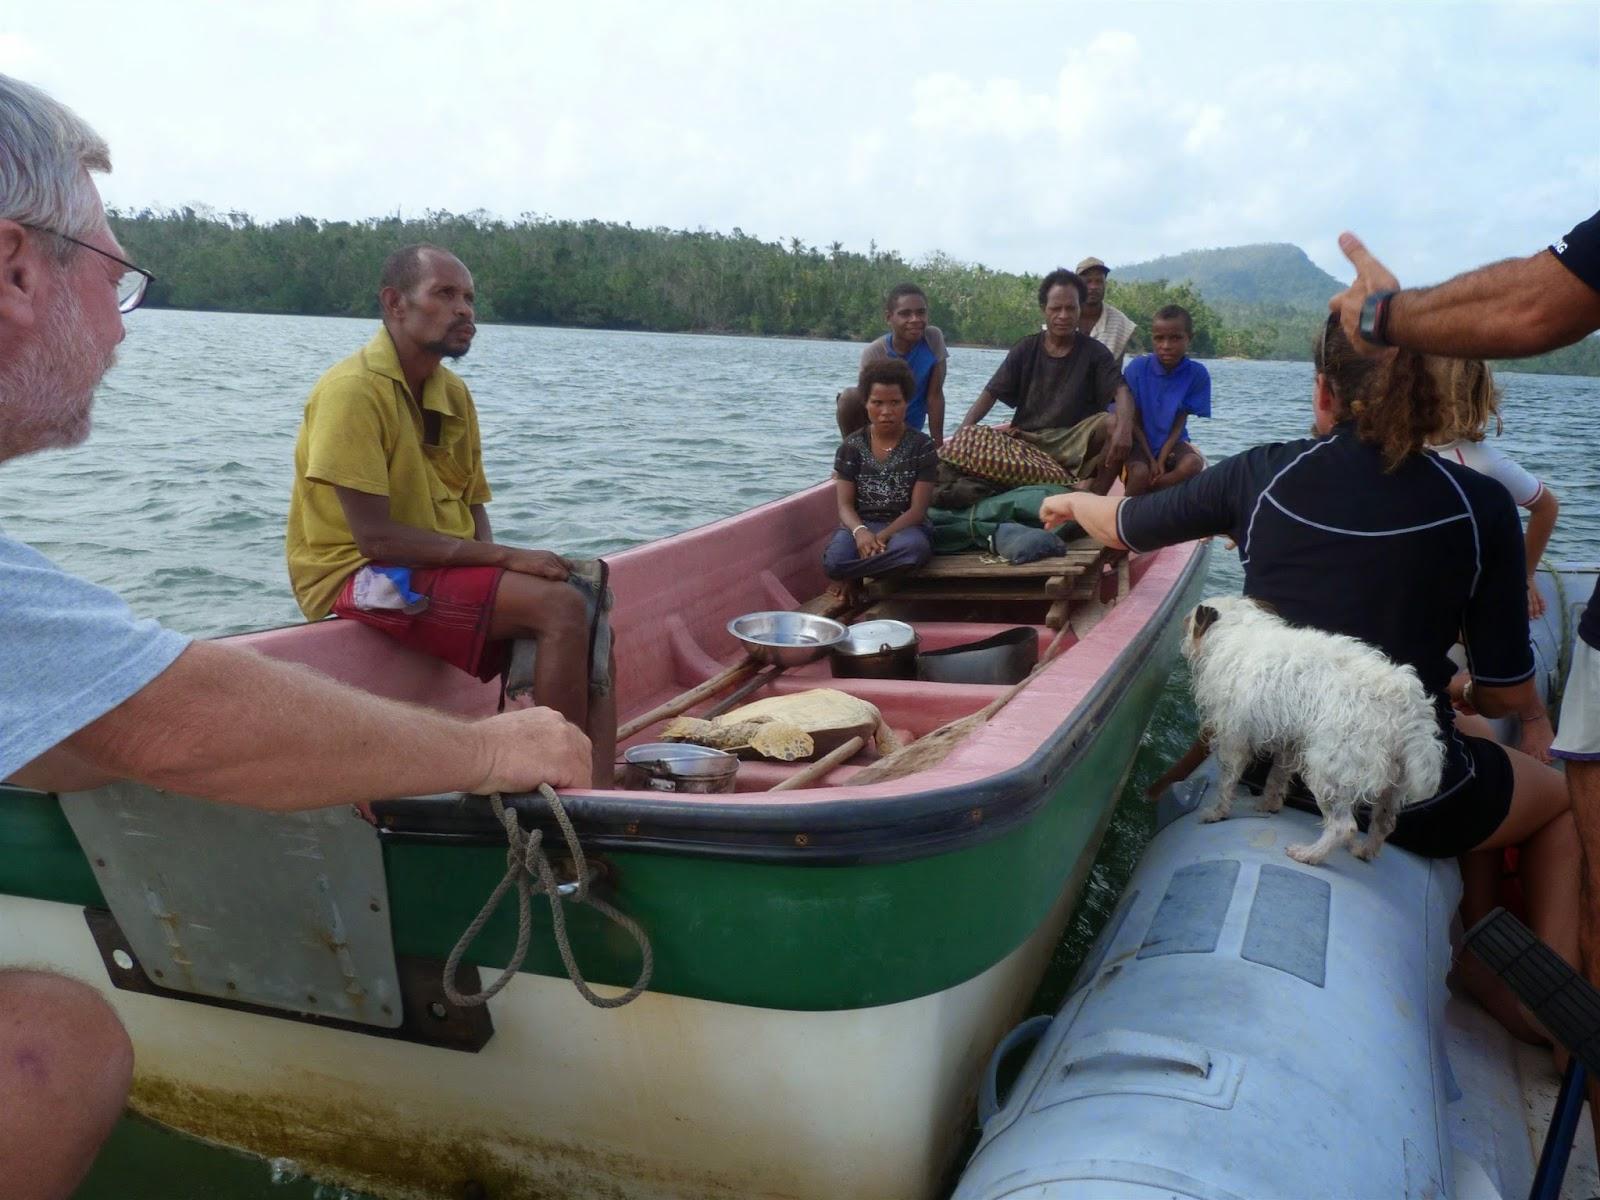 DRIFTER: Papua New Guinea, wat een verrassing.